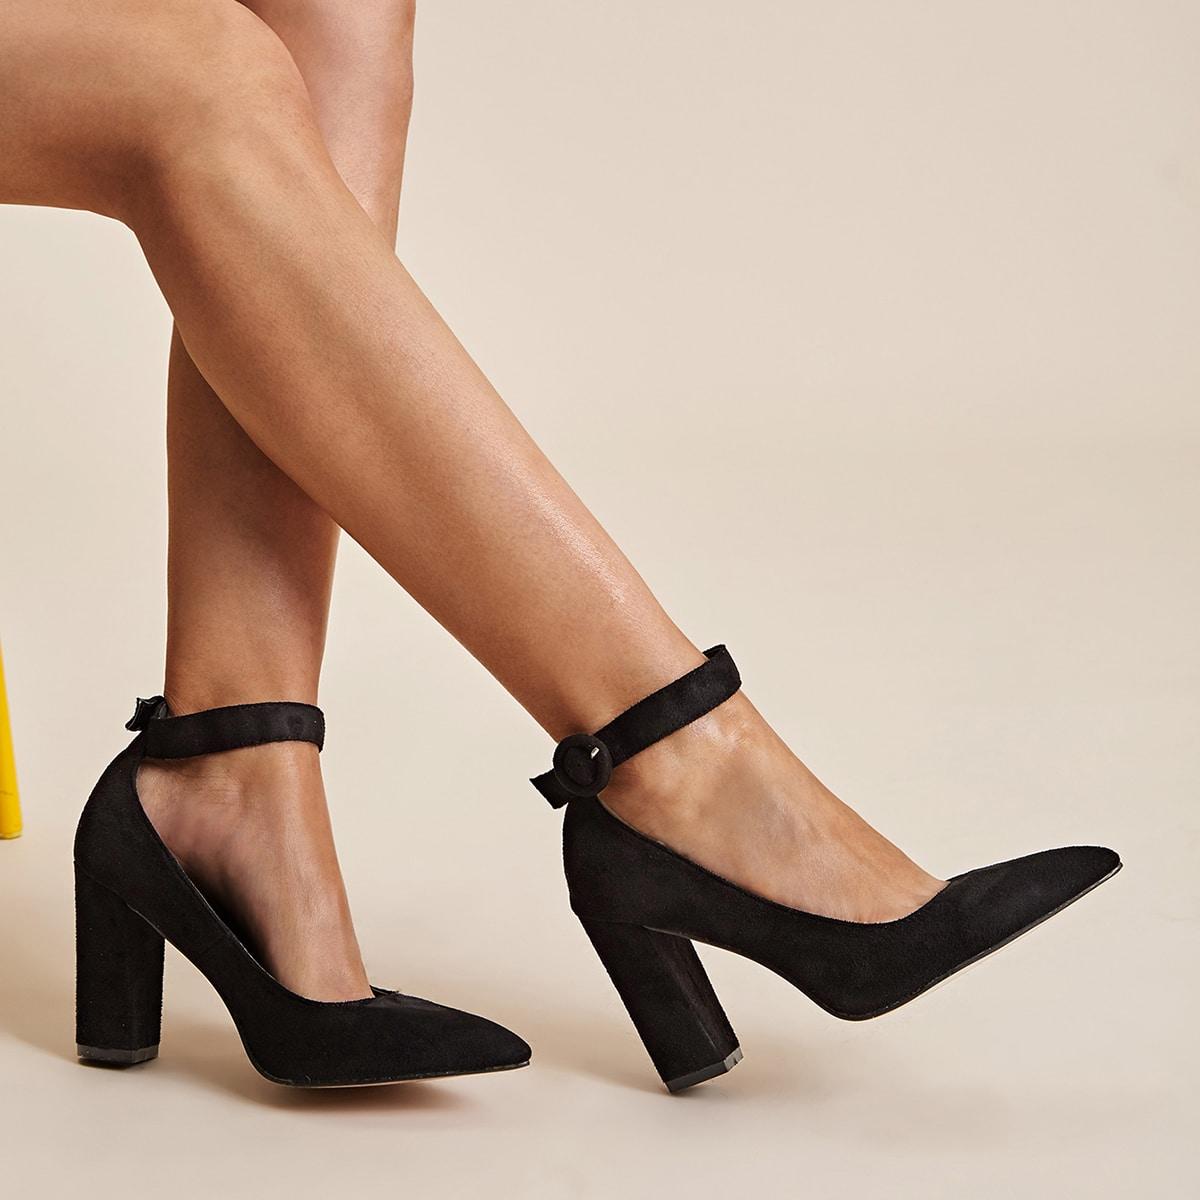 Остроконечные туфли на шпильках с ремешком от SHEIN